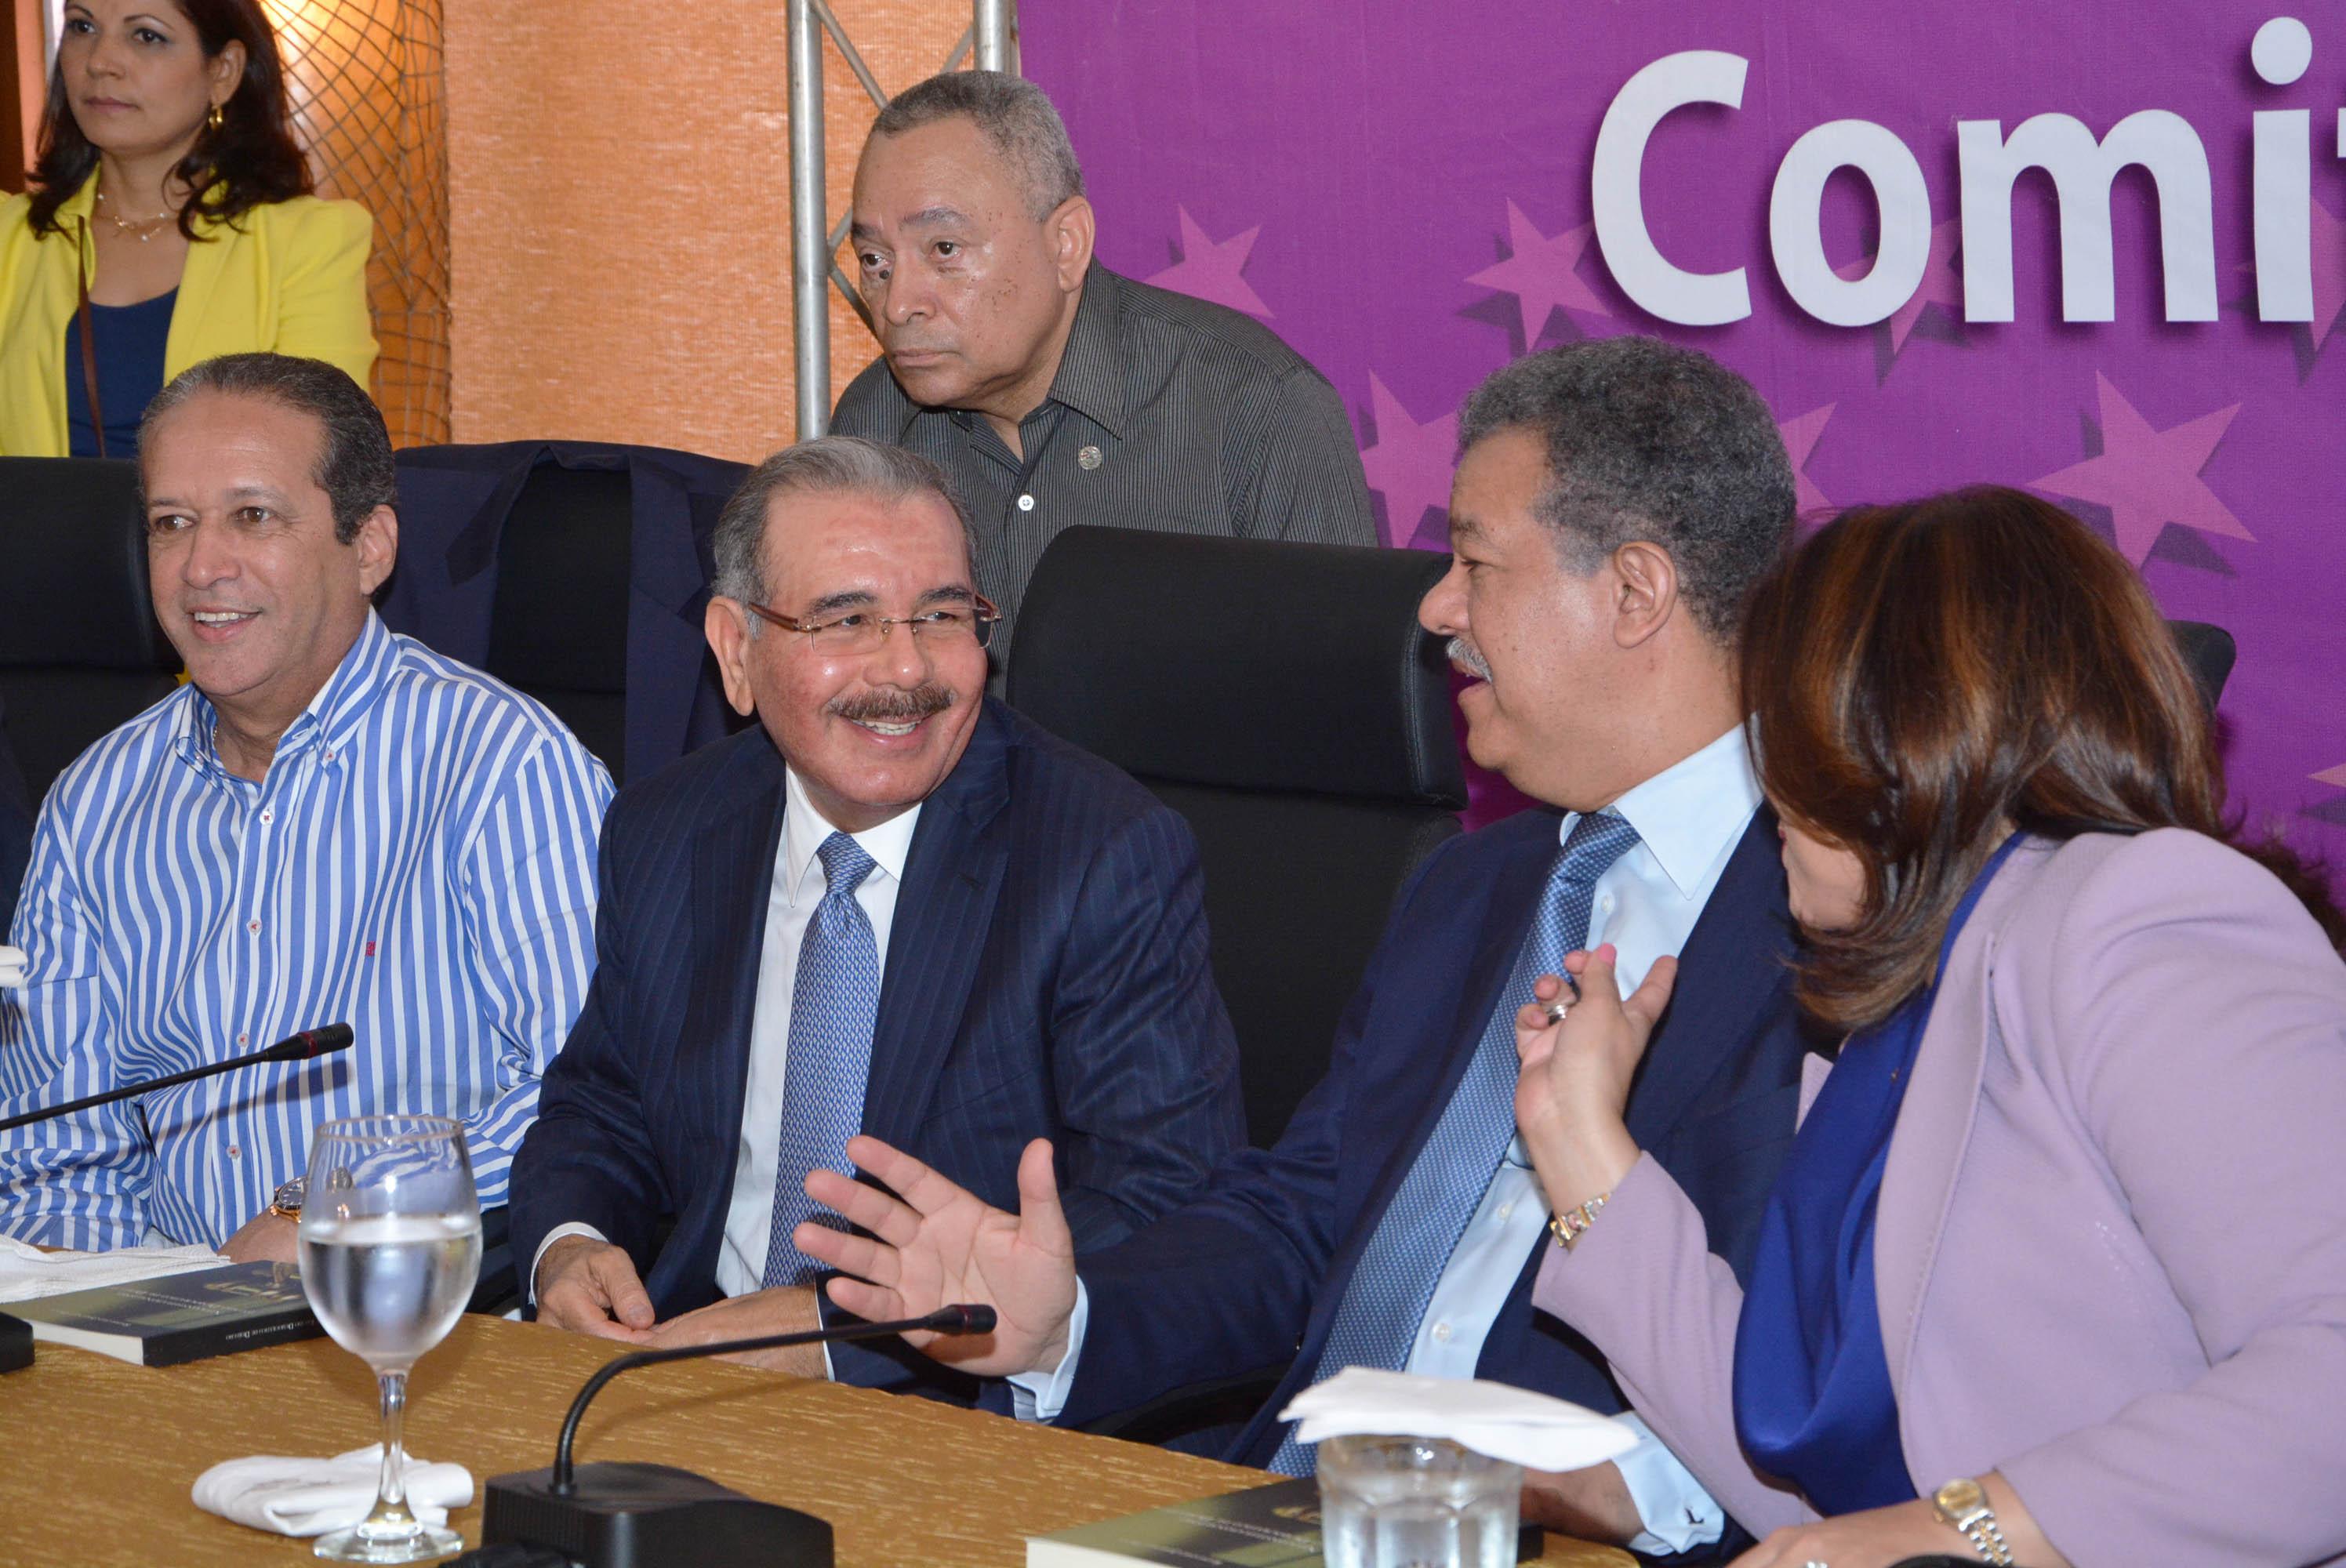 32 de 35 miembros del Comité Político del Partido de la Liberación Dominicana  se reunen en la Oficina Presidencial de esa entidad política.